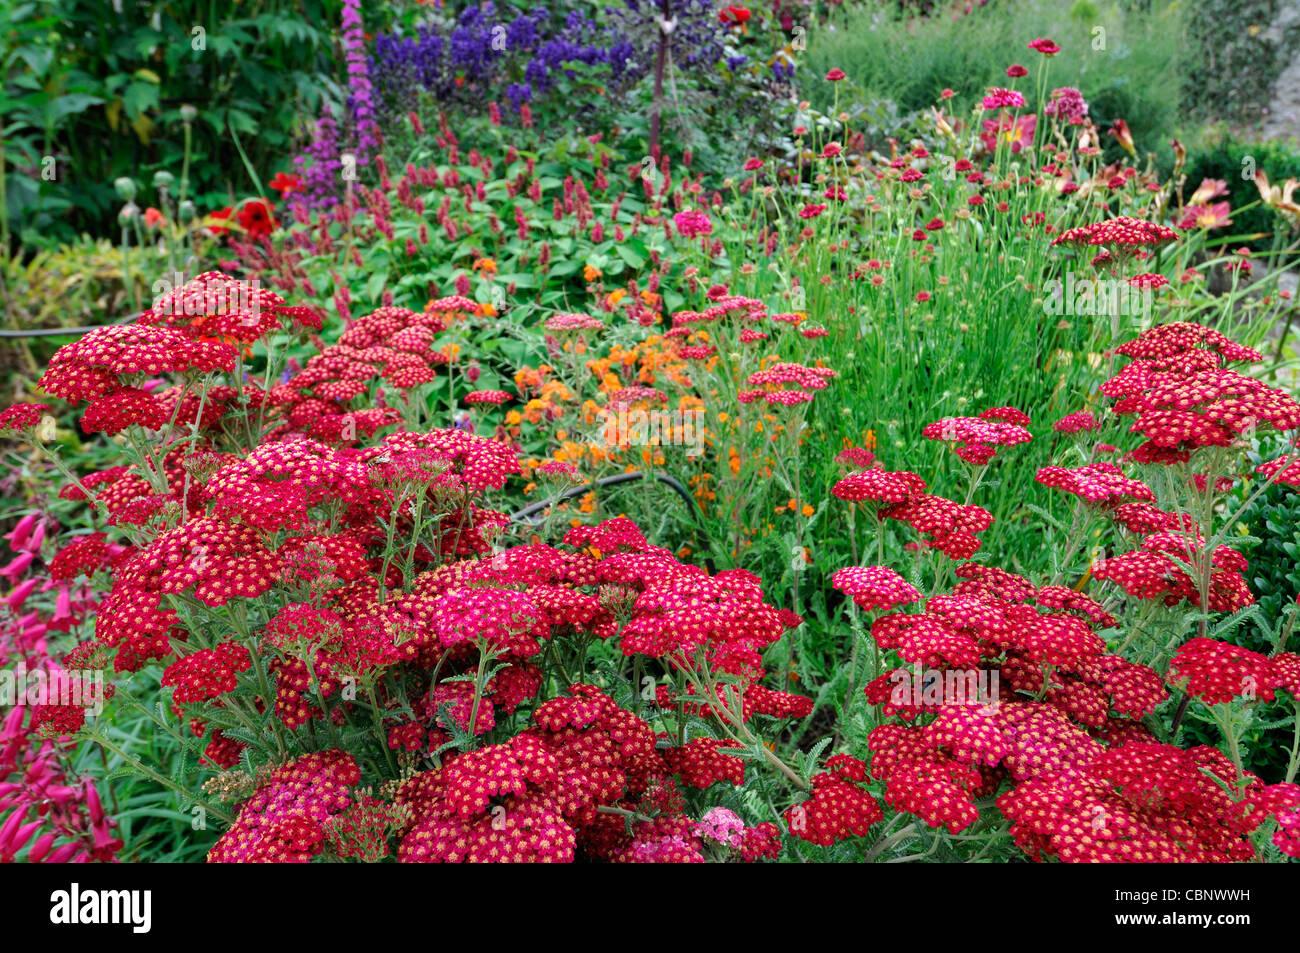 Herbaceous Perennial Garden Stock Photos Herbaceous Perennial